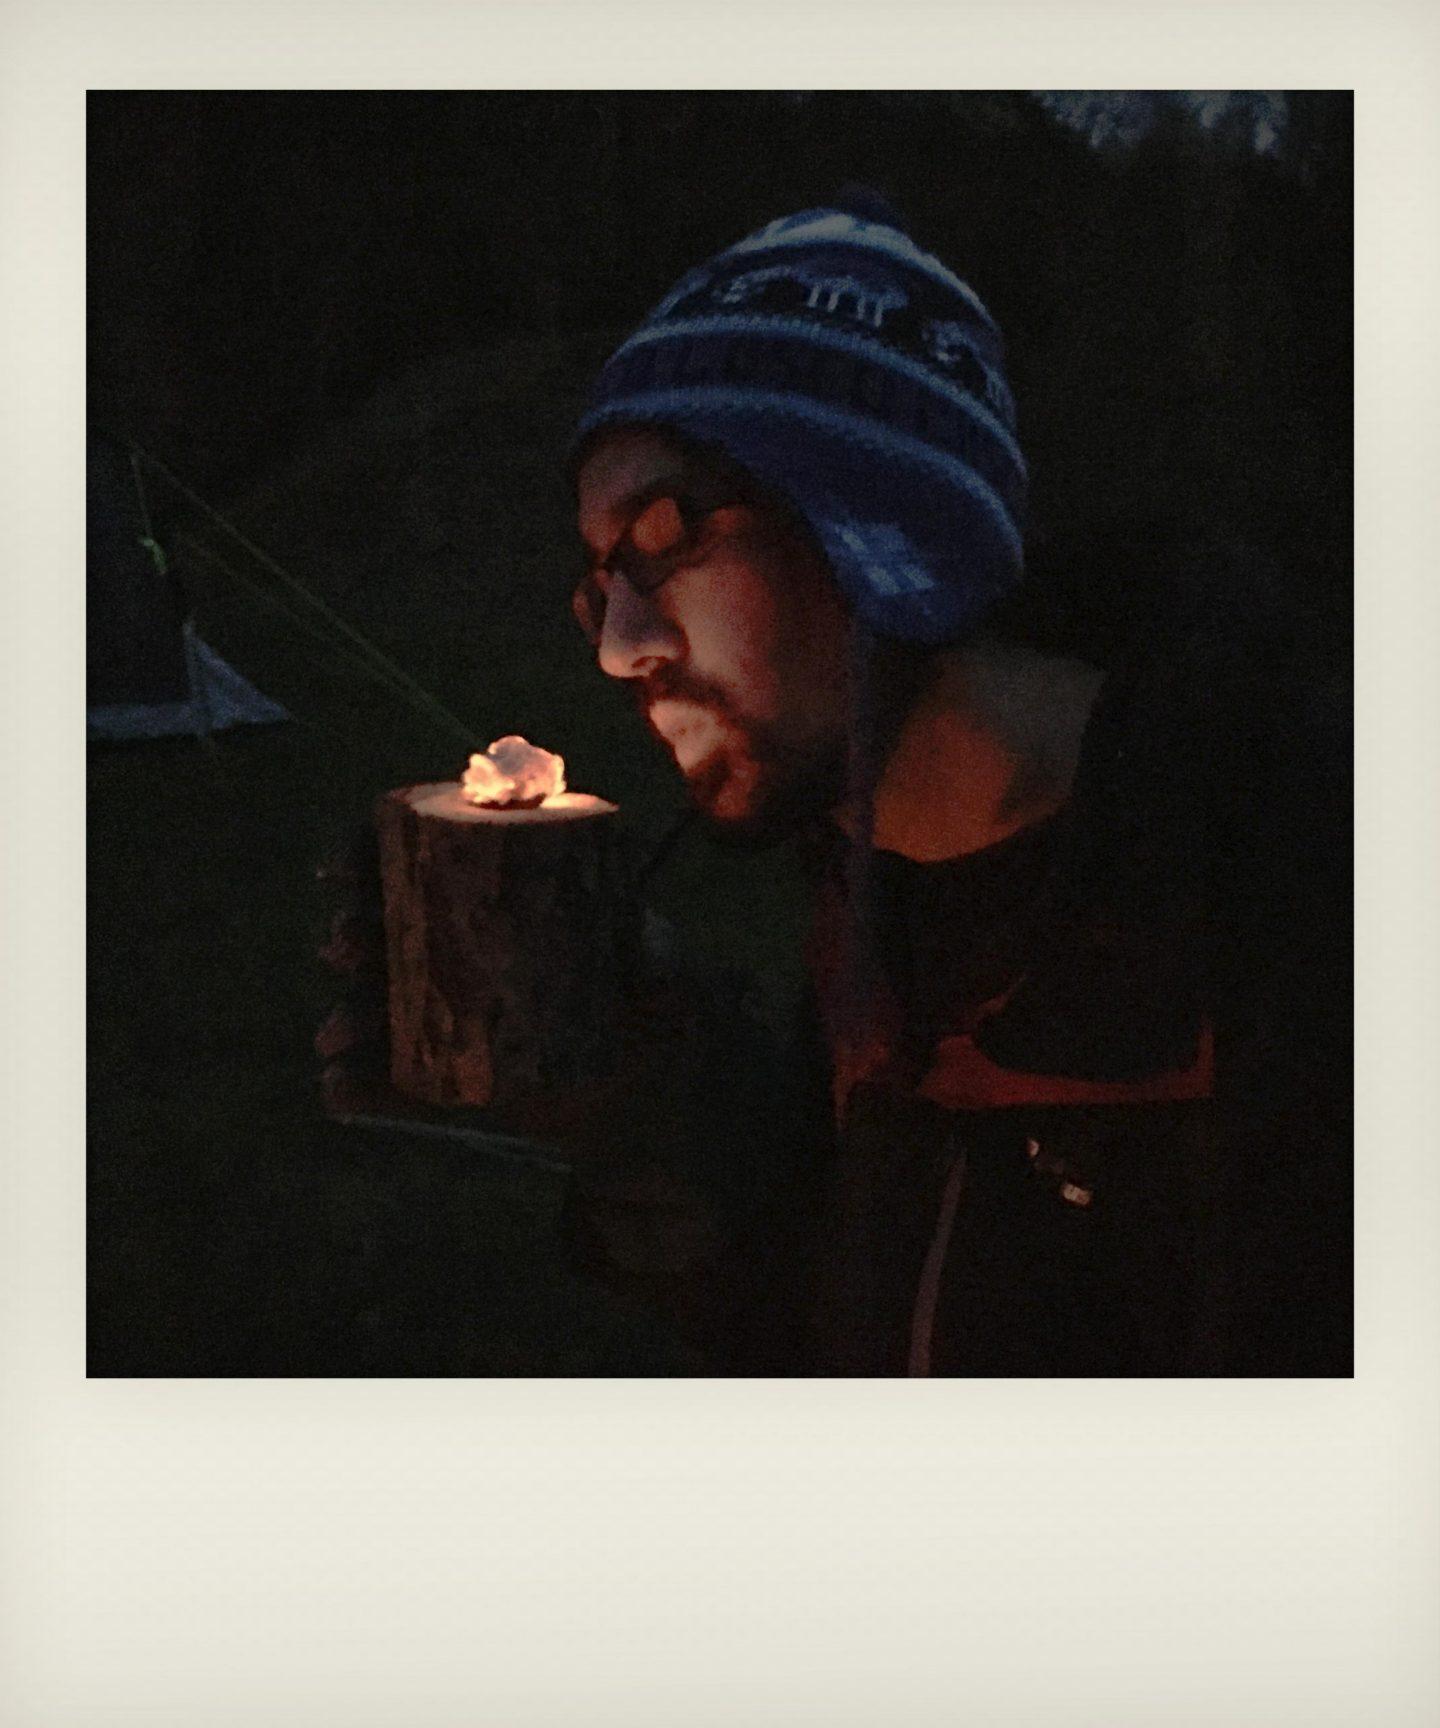 Hot coal glowing